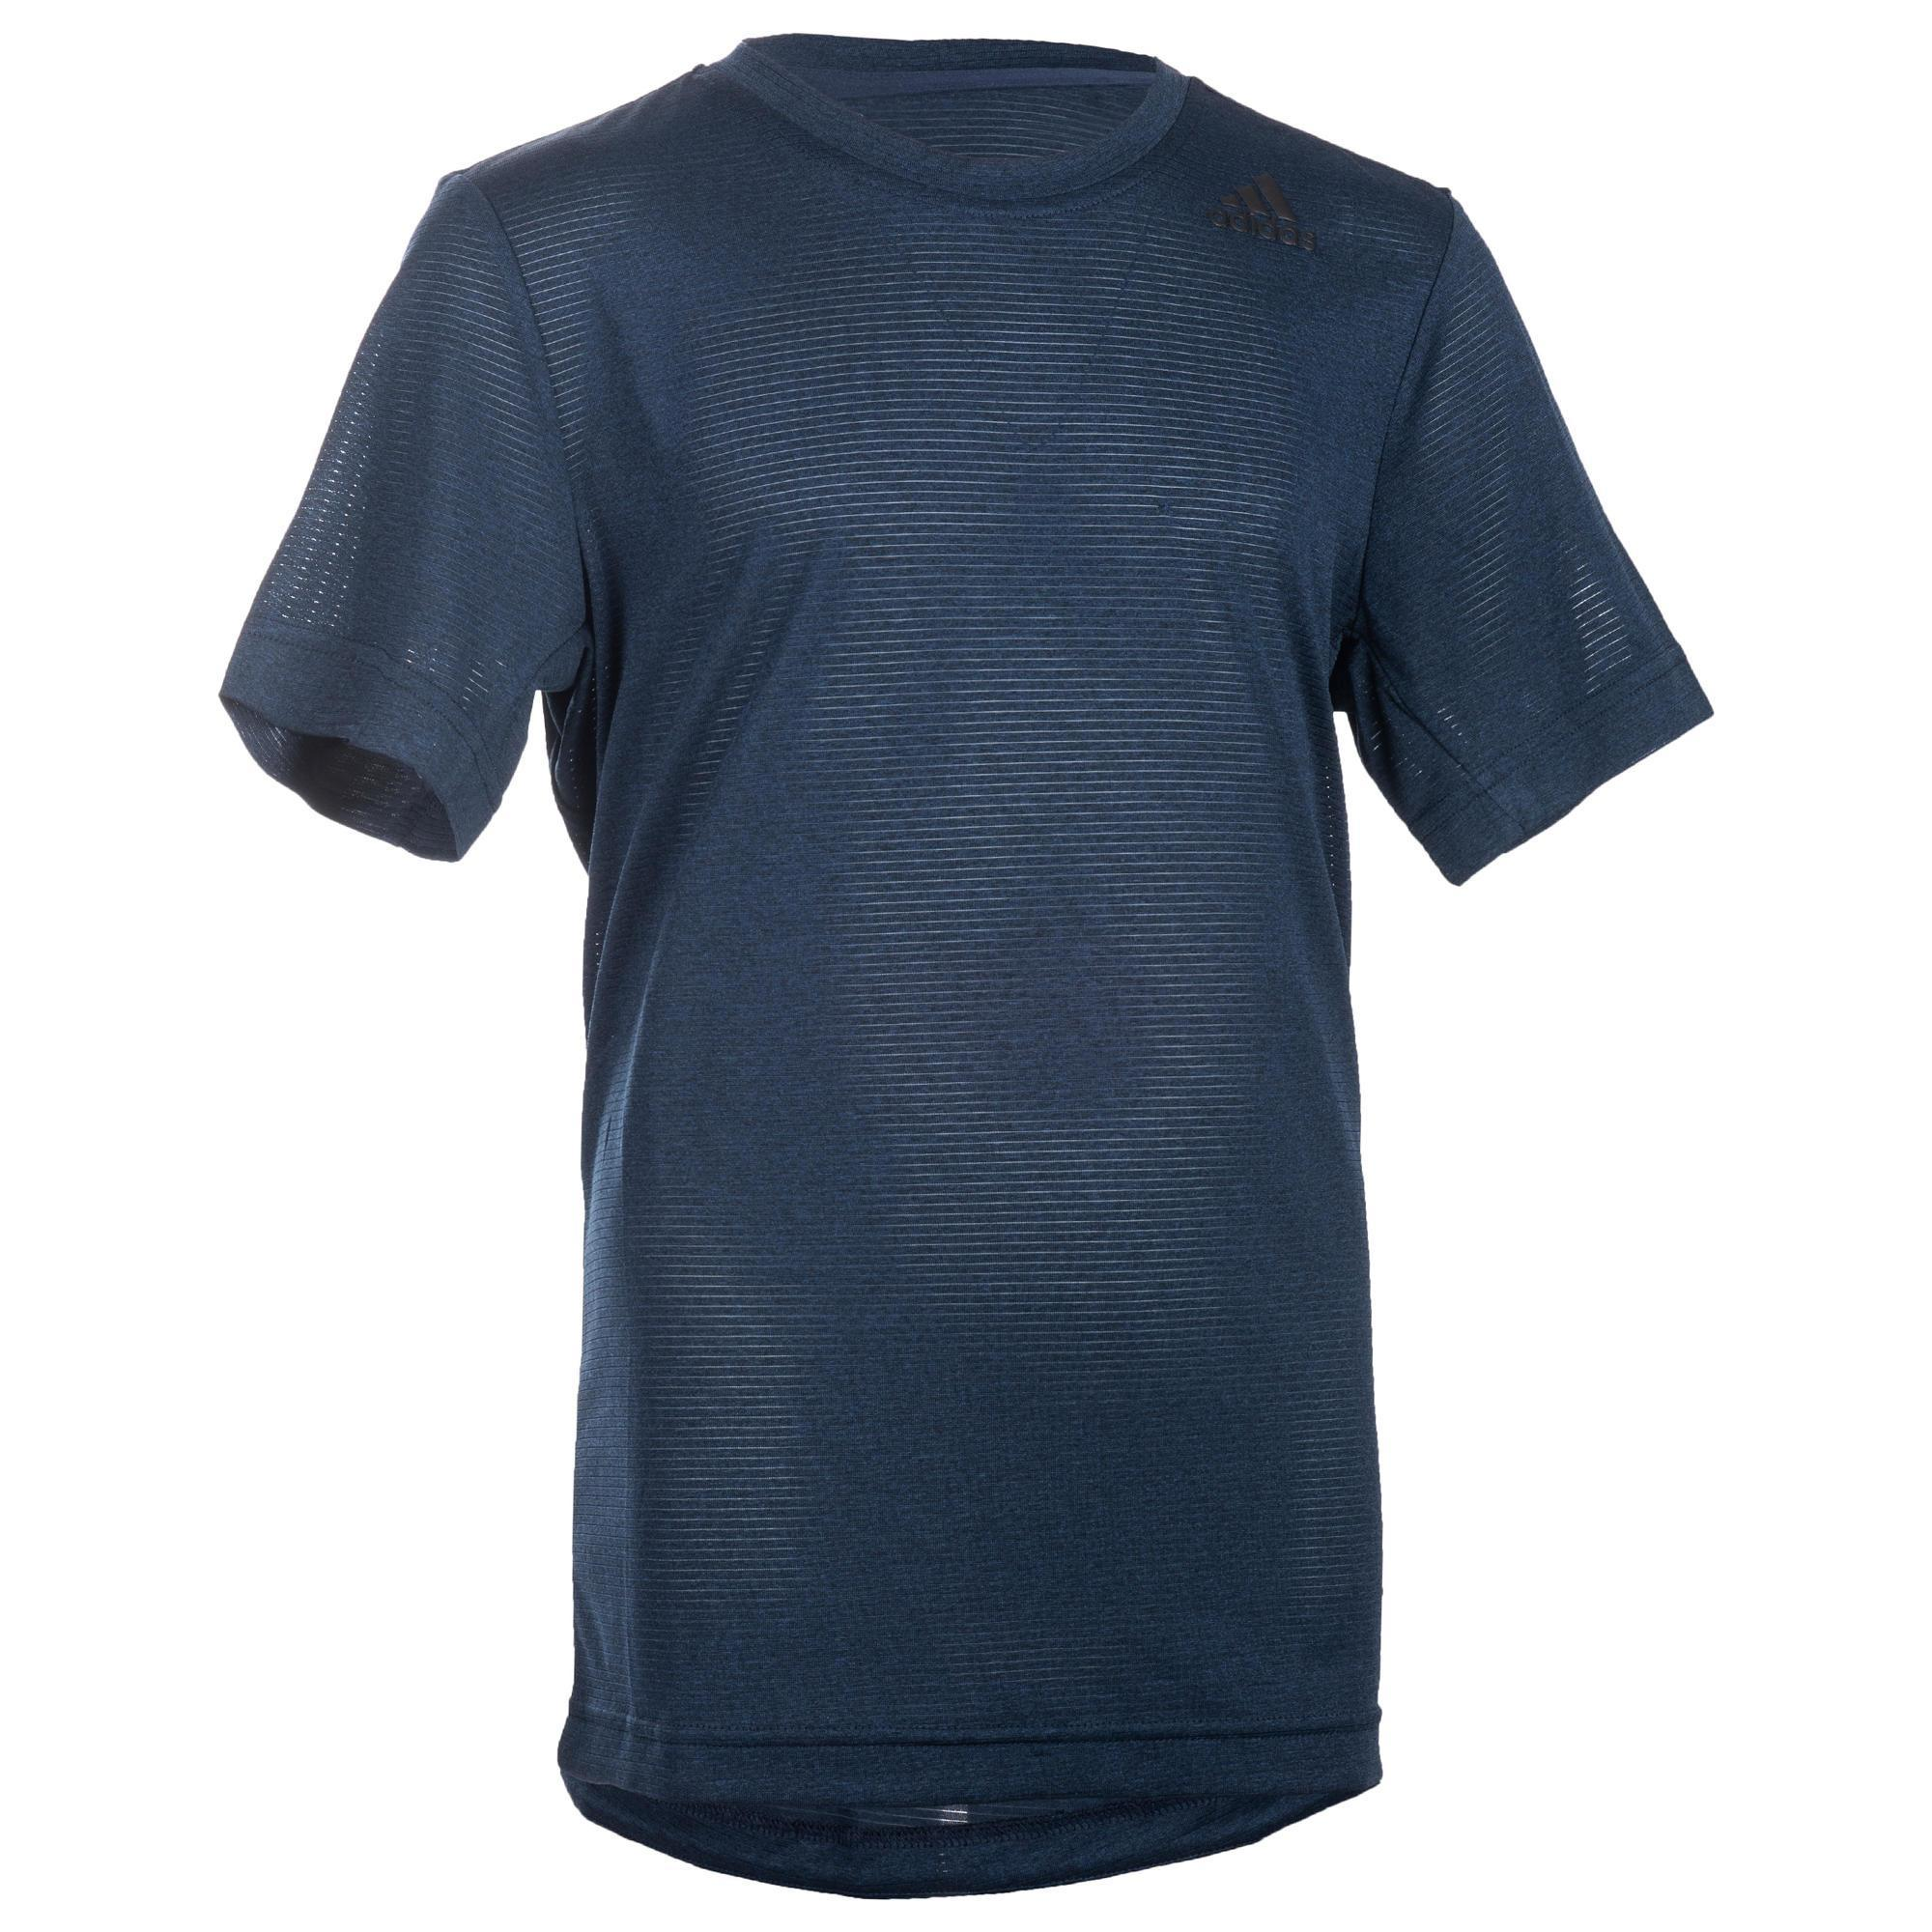 Adidas Gym T-shirt met korte mouwen voor jongens blauw